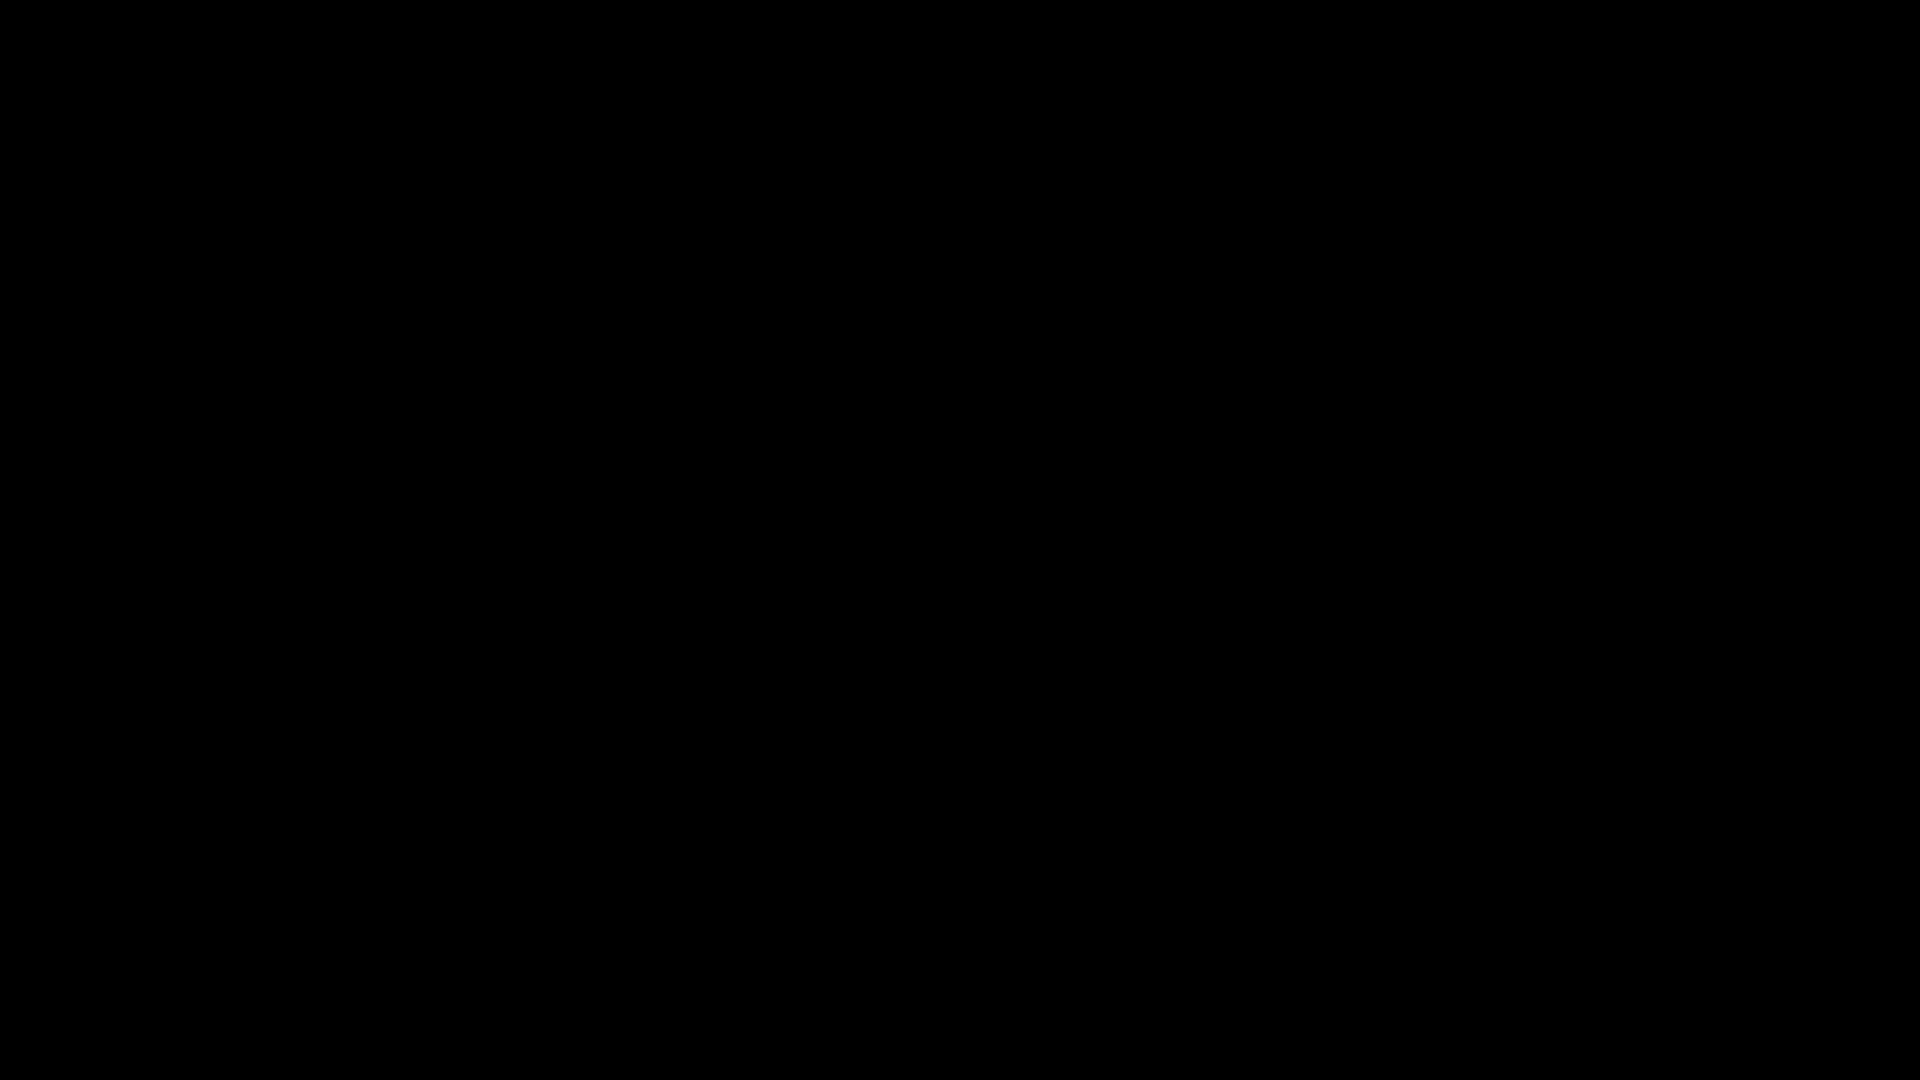 Aarqxd04